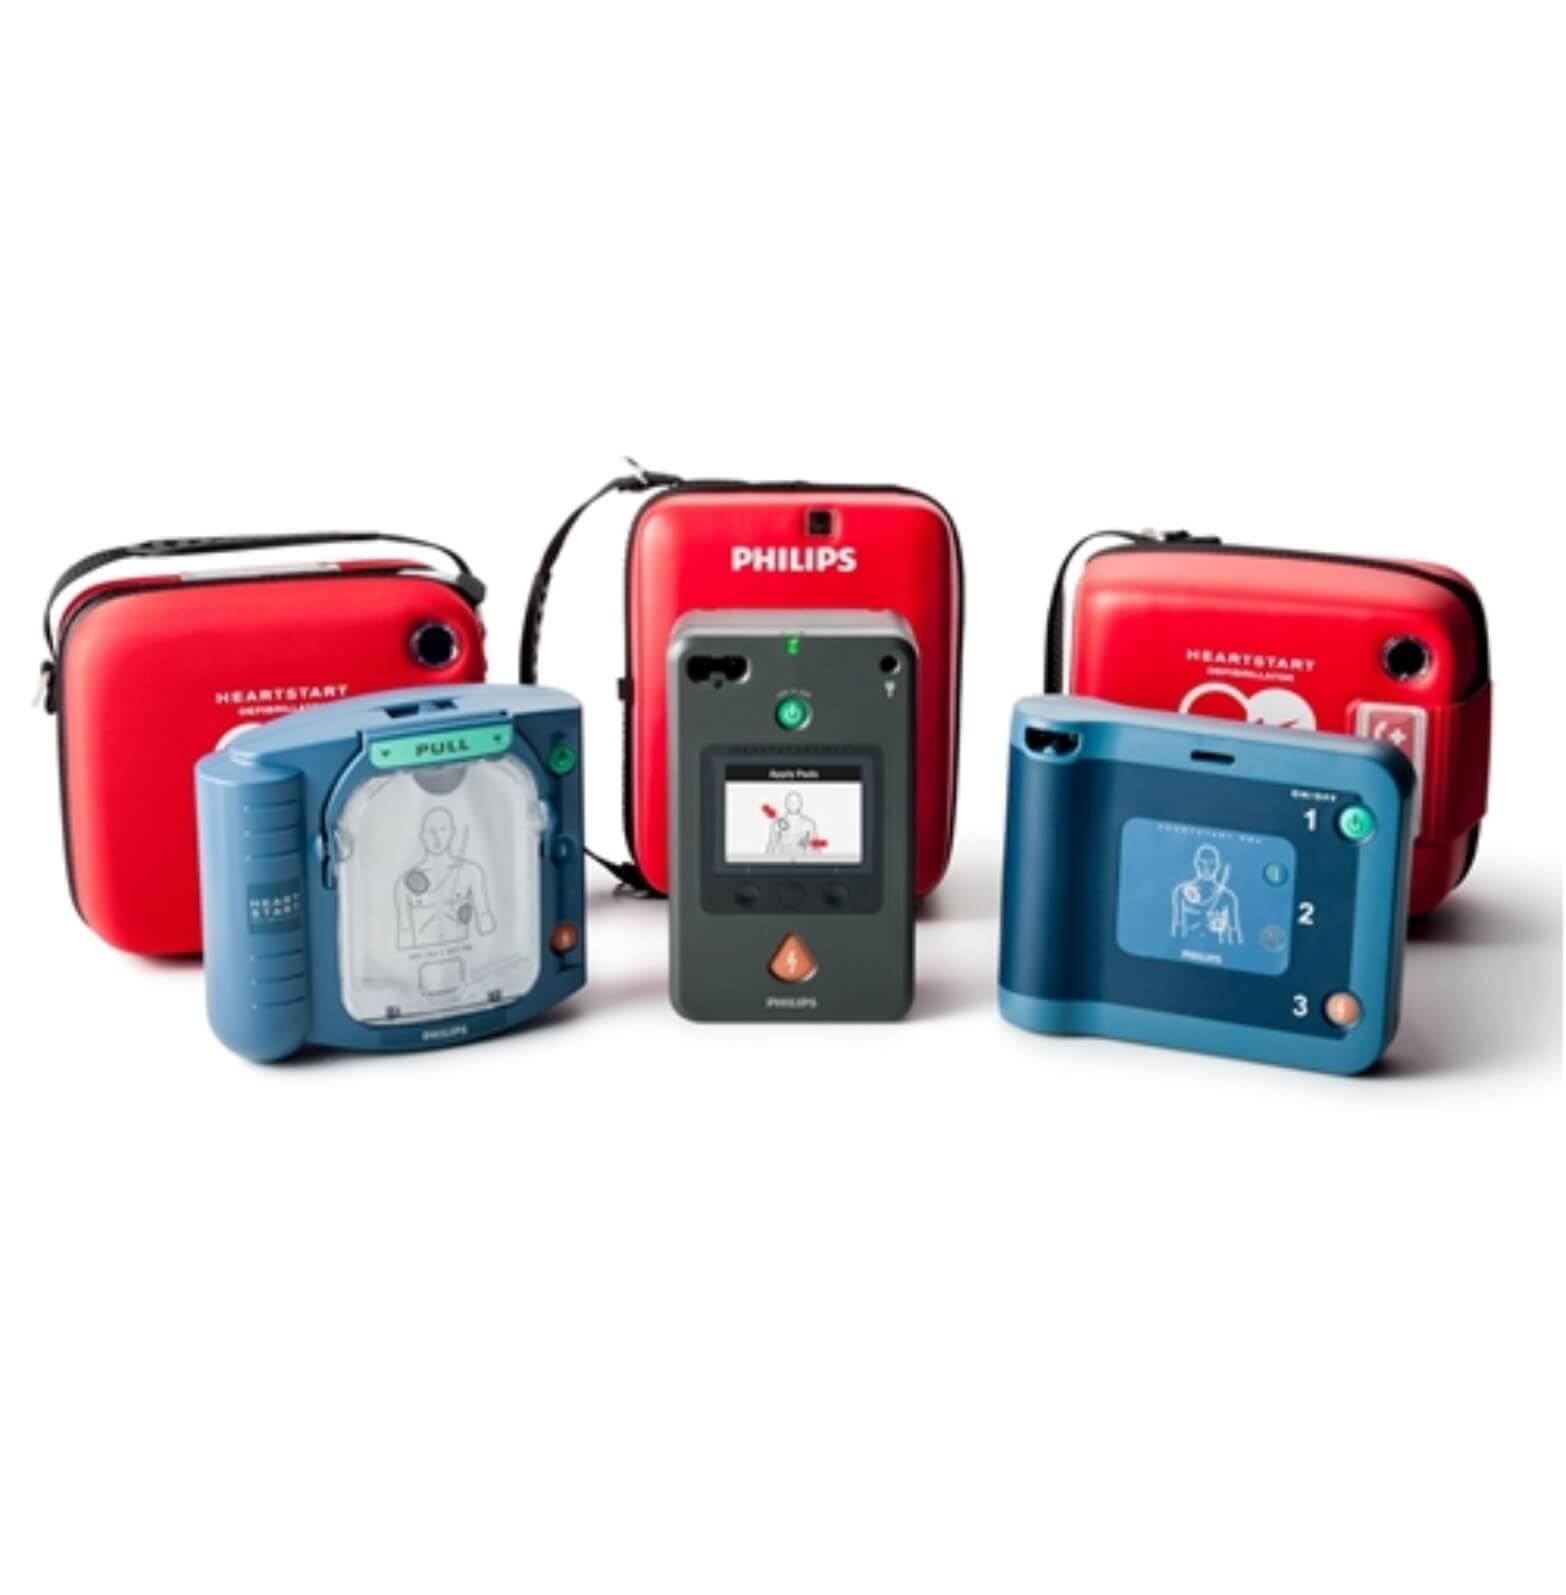 Philips AED - Heartstart Home vs OnSite vs FR3 vs FRx